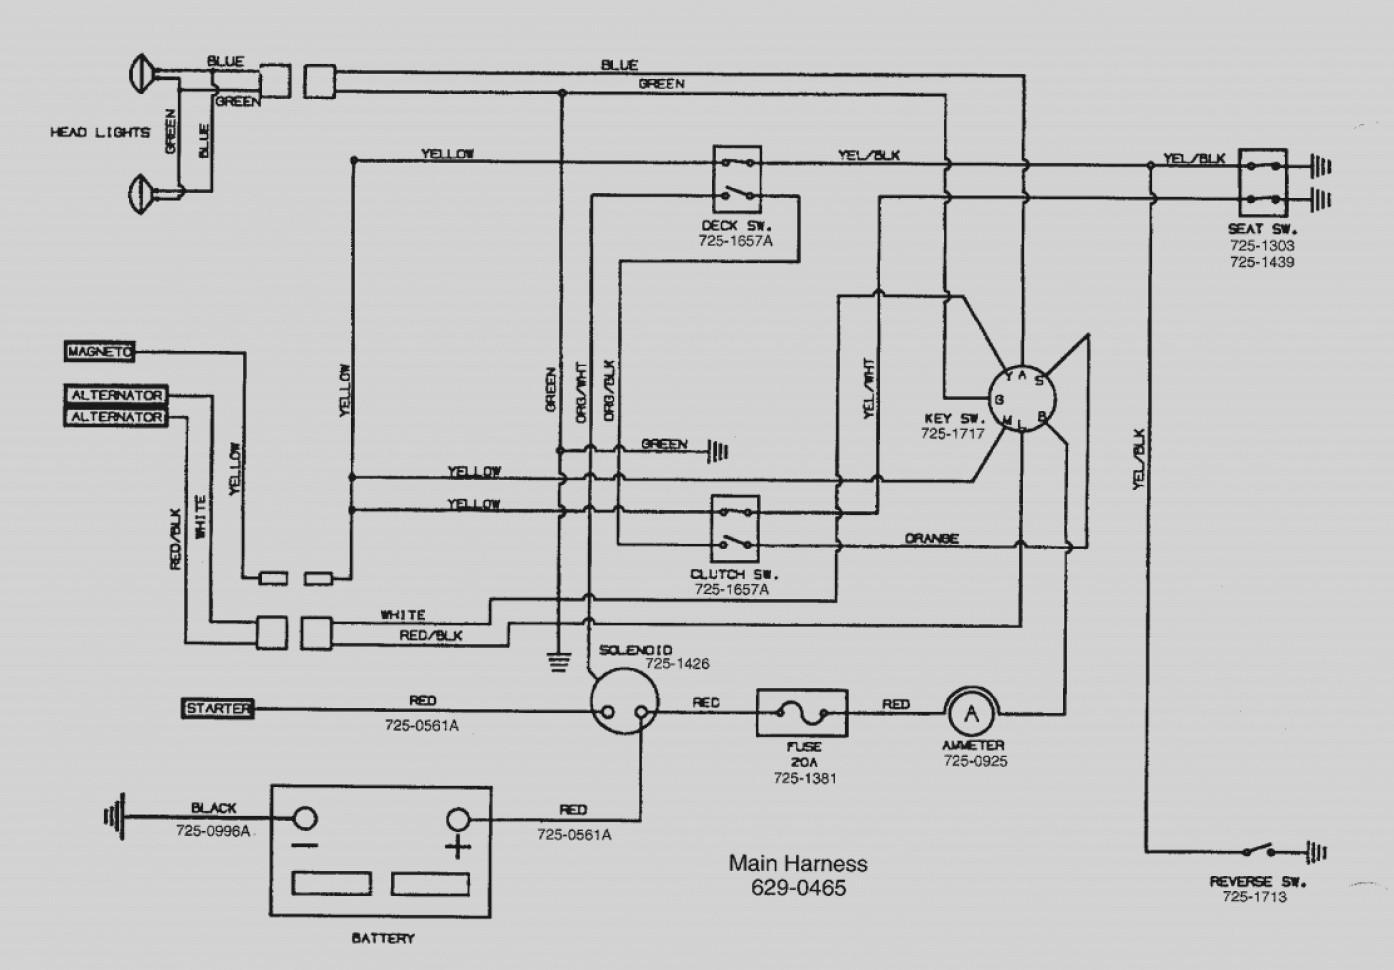 Dixon Mower Wiring Harness Great Installation Of Diagram Zero Turn Schematics Rh Ksefanzone Com Ztr 30